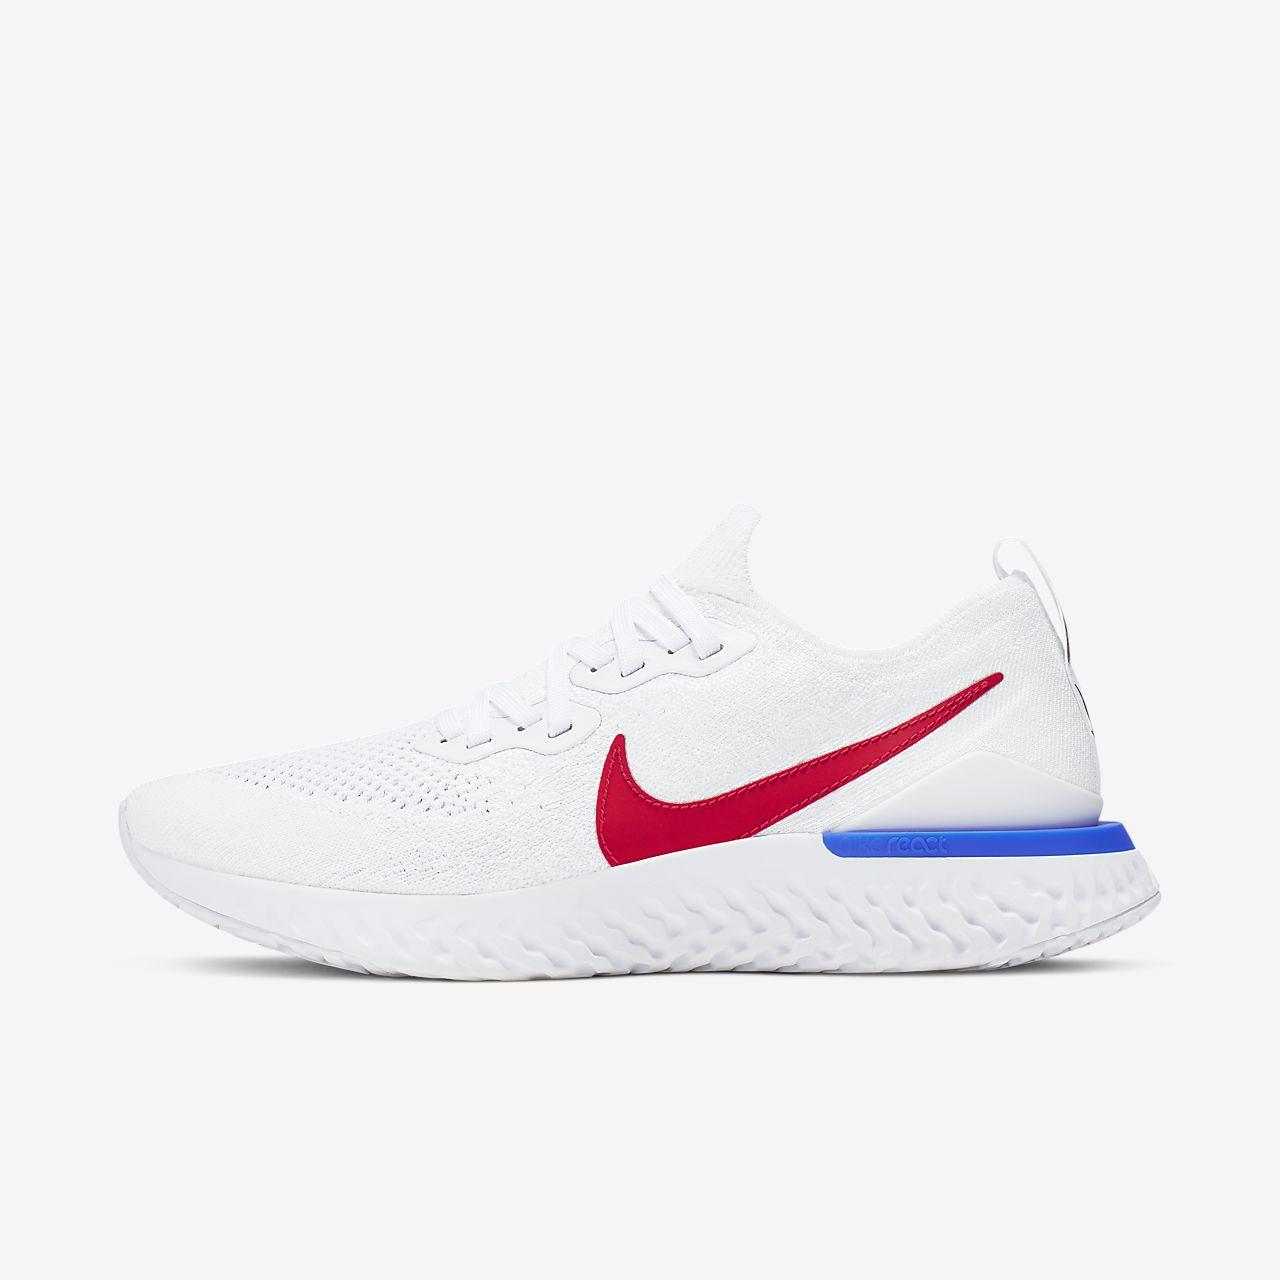 Perspectiva solitario Terrible  Běžecké Boty Nike Nová Kolekce - Pánské Nike Epic React Flyknit 2 BRS  Bílé/Blankyt/Červené